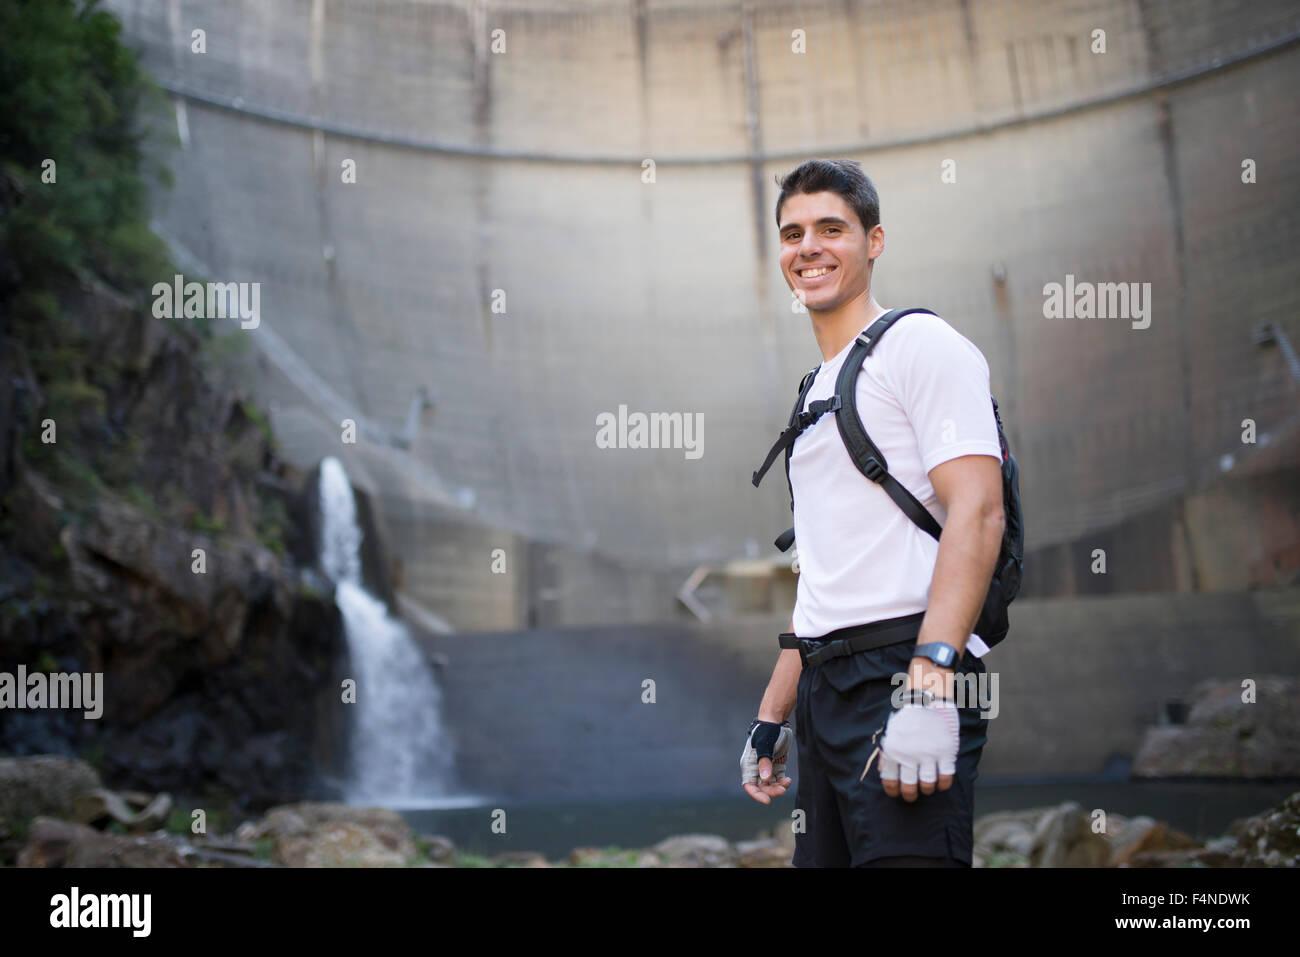 Sorridente ultra-trail runner con una diga in background Immagini Stock